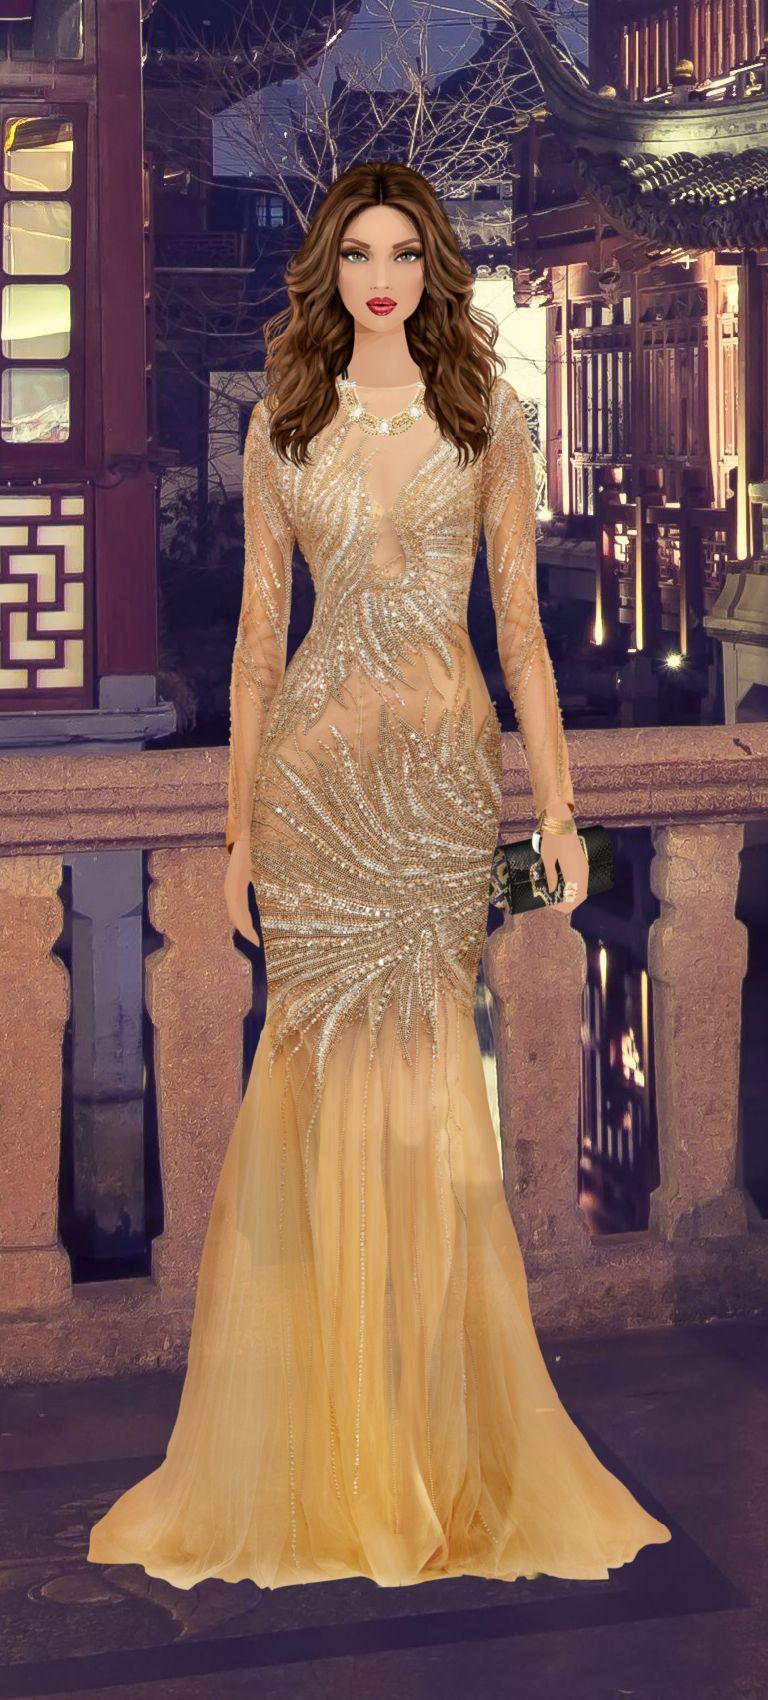 Macau event on Covet Fashion Game